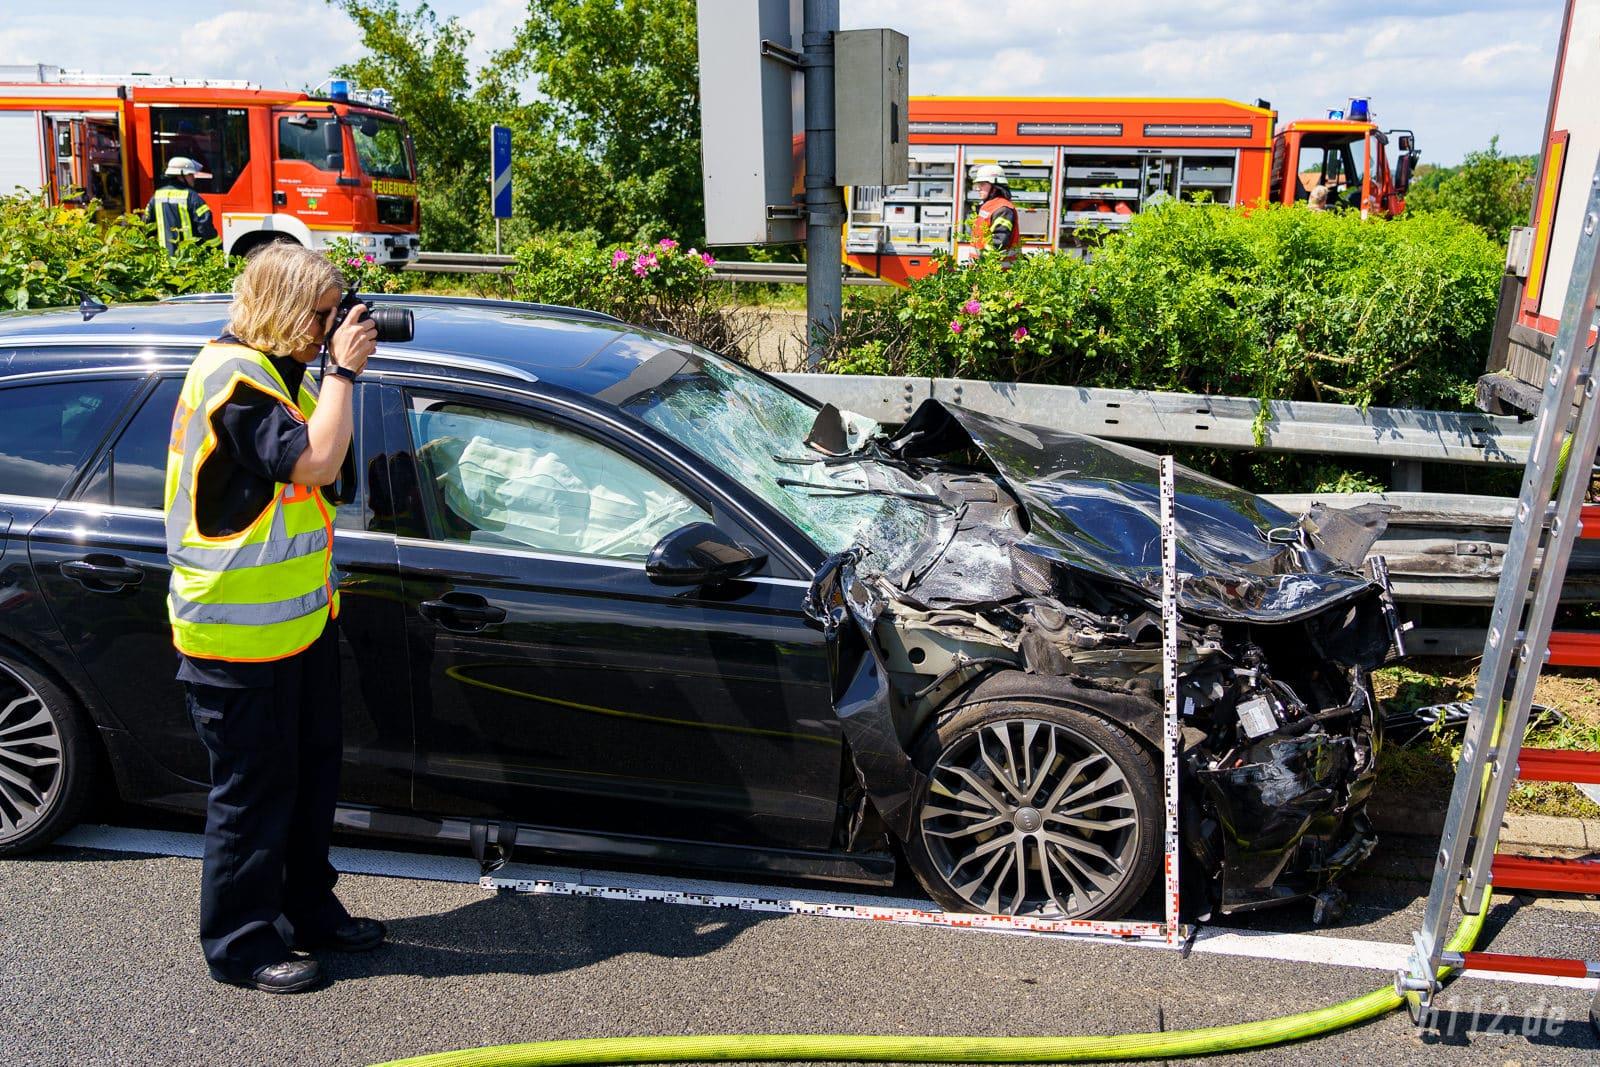 Die Sicherheitssysteme des Audi bewahrten die Insassen vor Verletzungen (Foto: n112.de/Stefan Hillen)